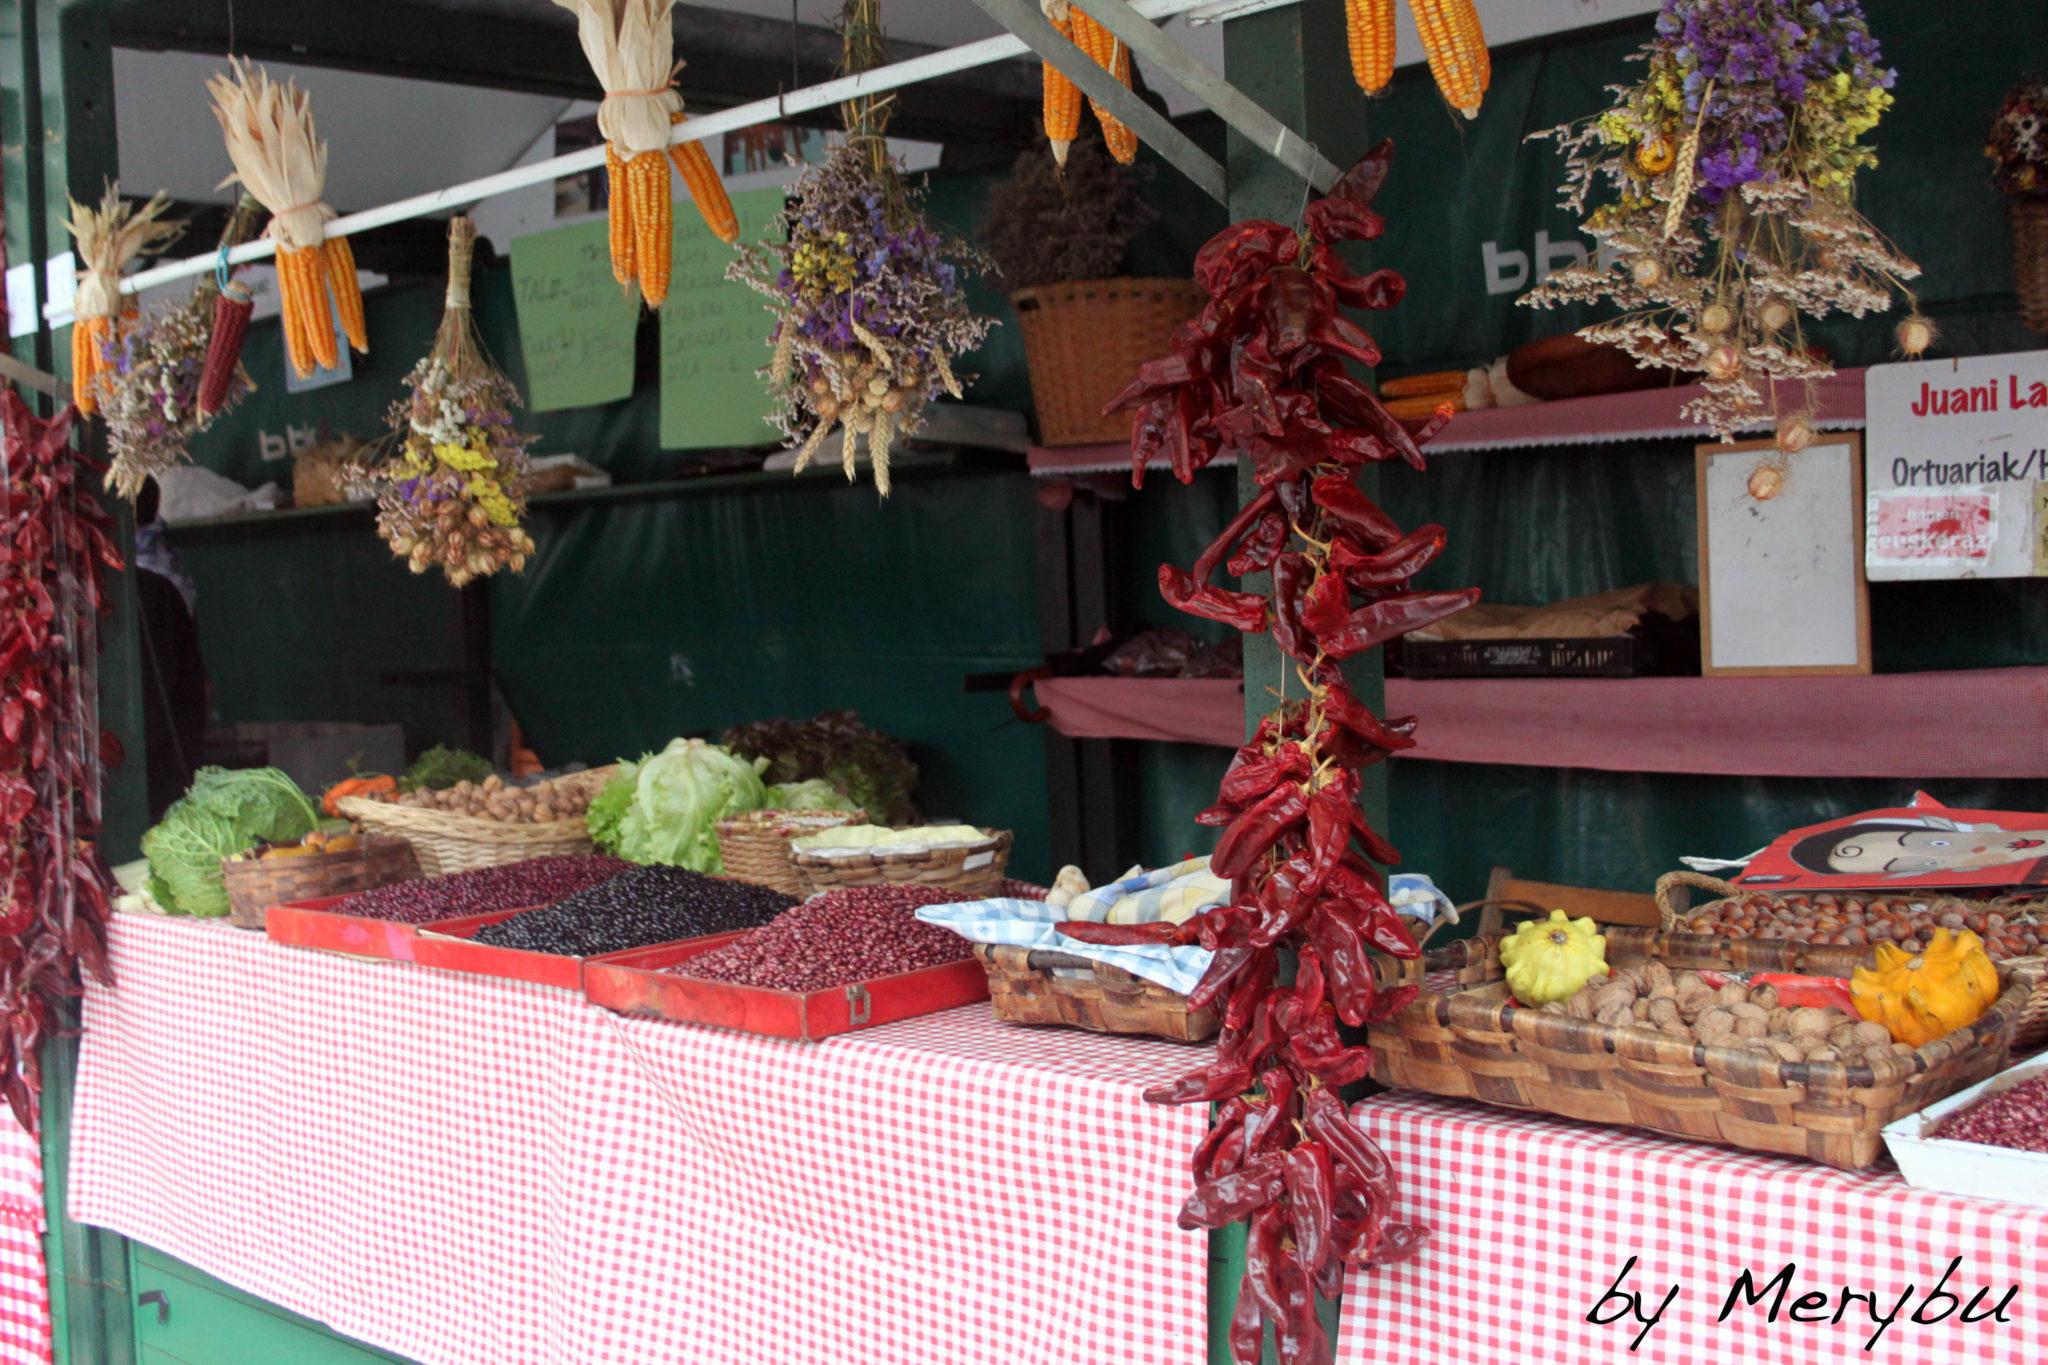 san-antontxu-mungia-2013-materia-prima-legumbres[1]